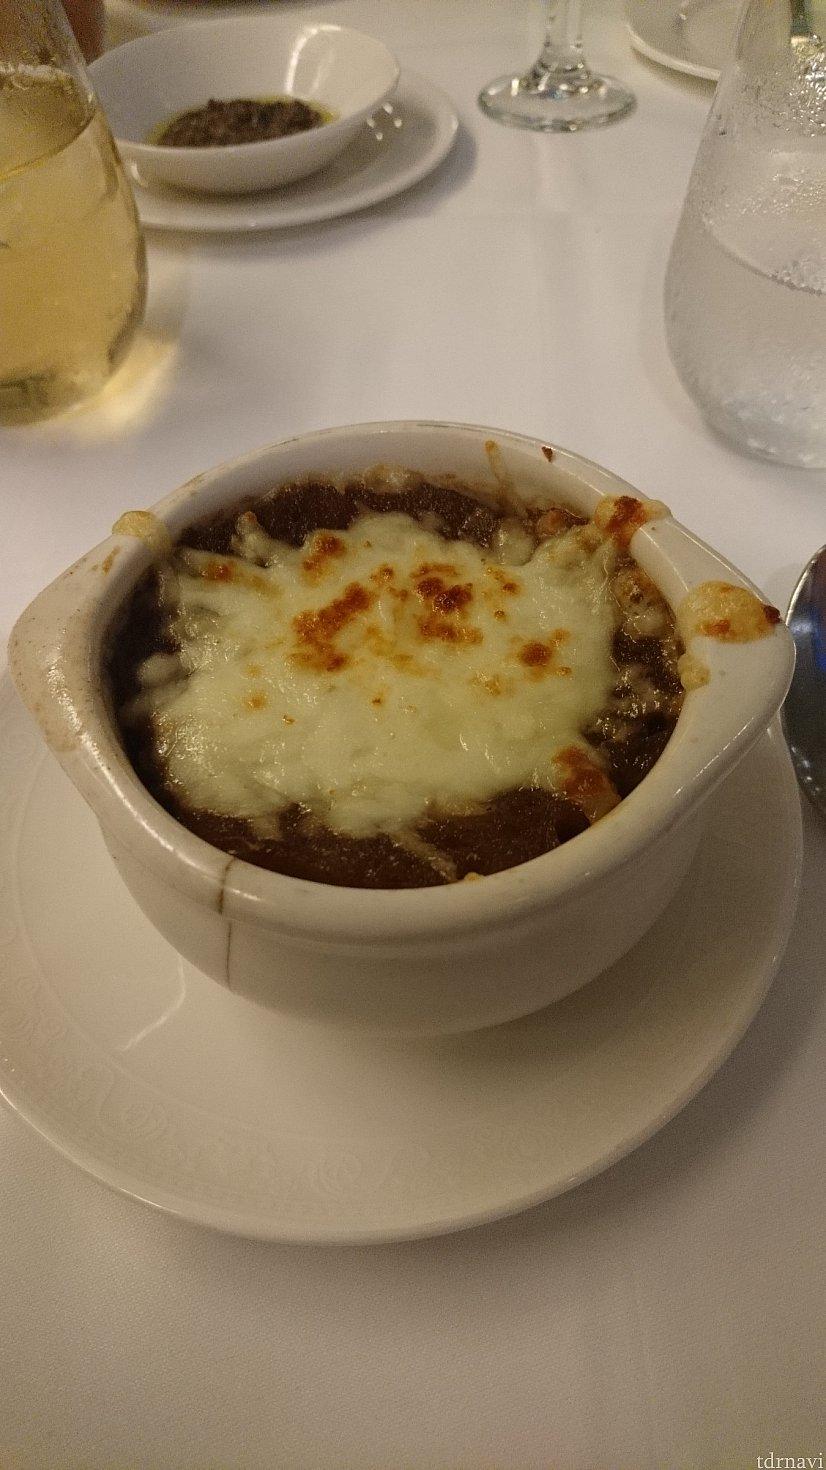 オニオングラタンスープ! 少ししょっぱいです💦 日中たくさん汗をかいたのでちょうど良かったです♪